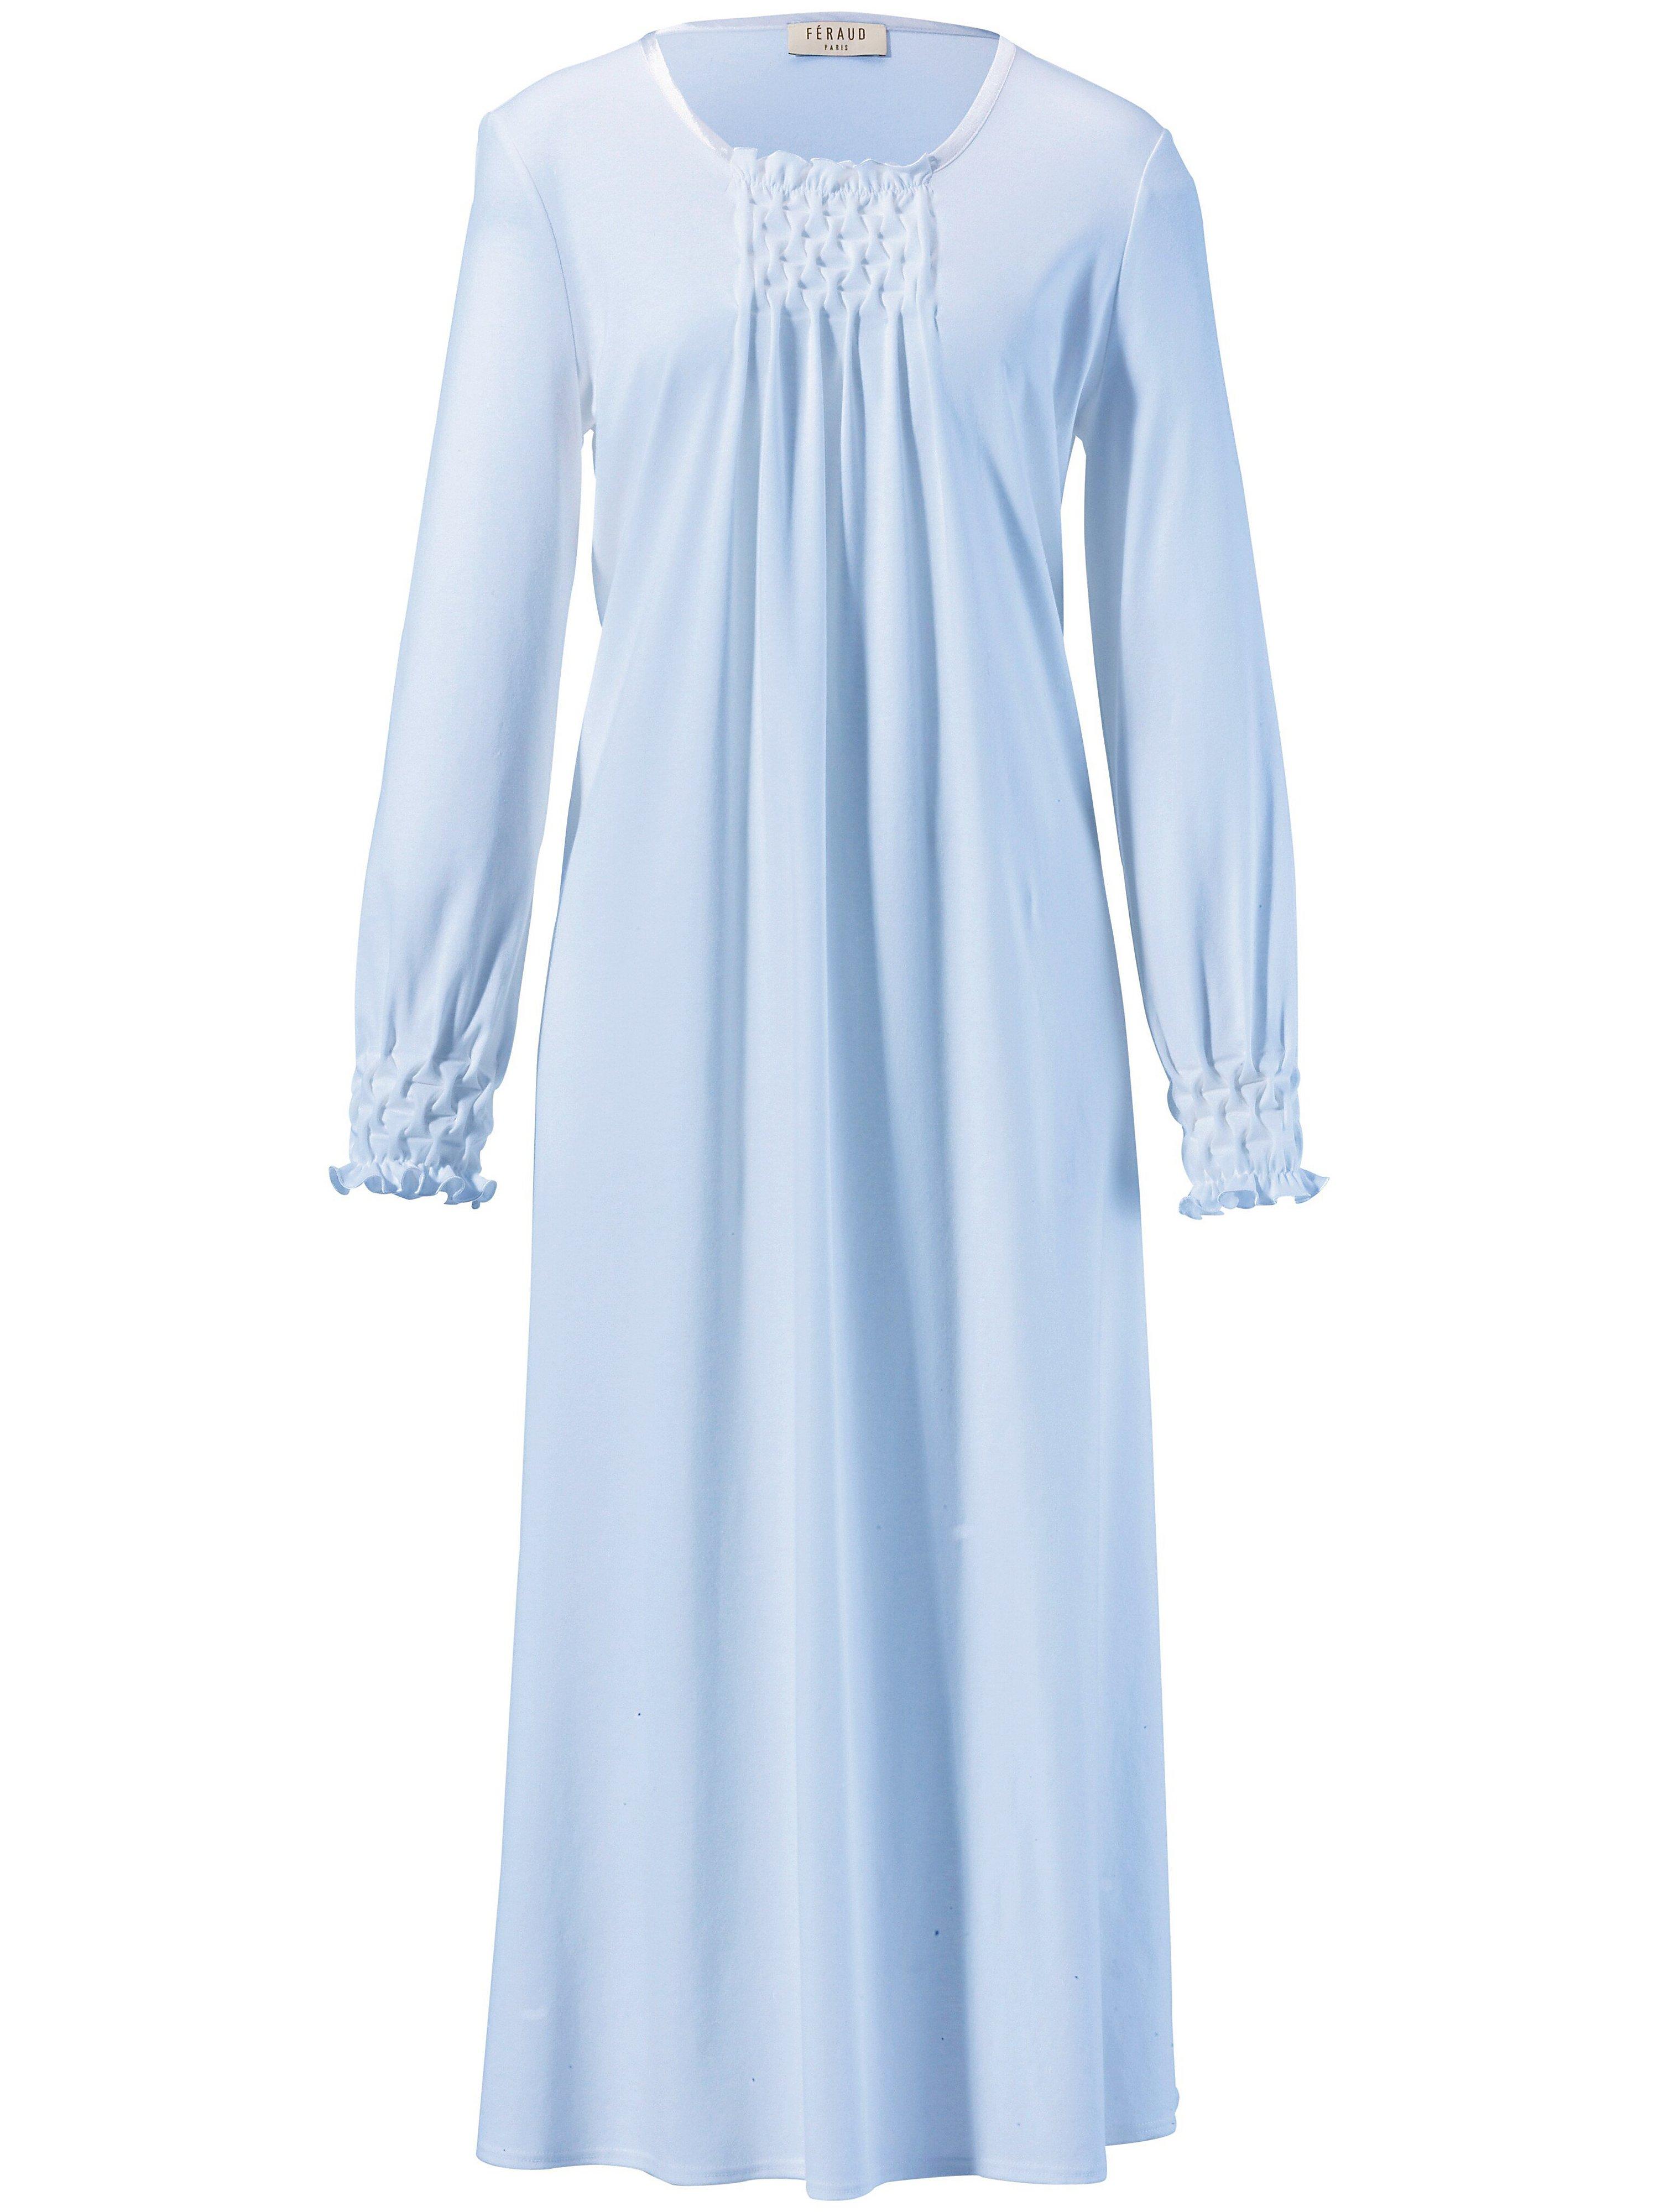 La chemise nuit pur coton  Féraud bleu taille 40